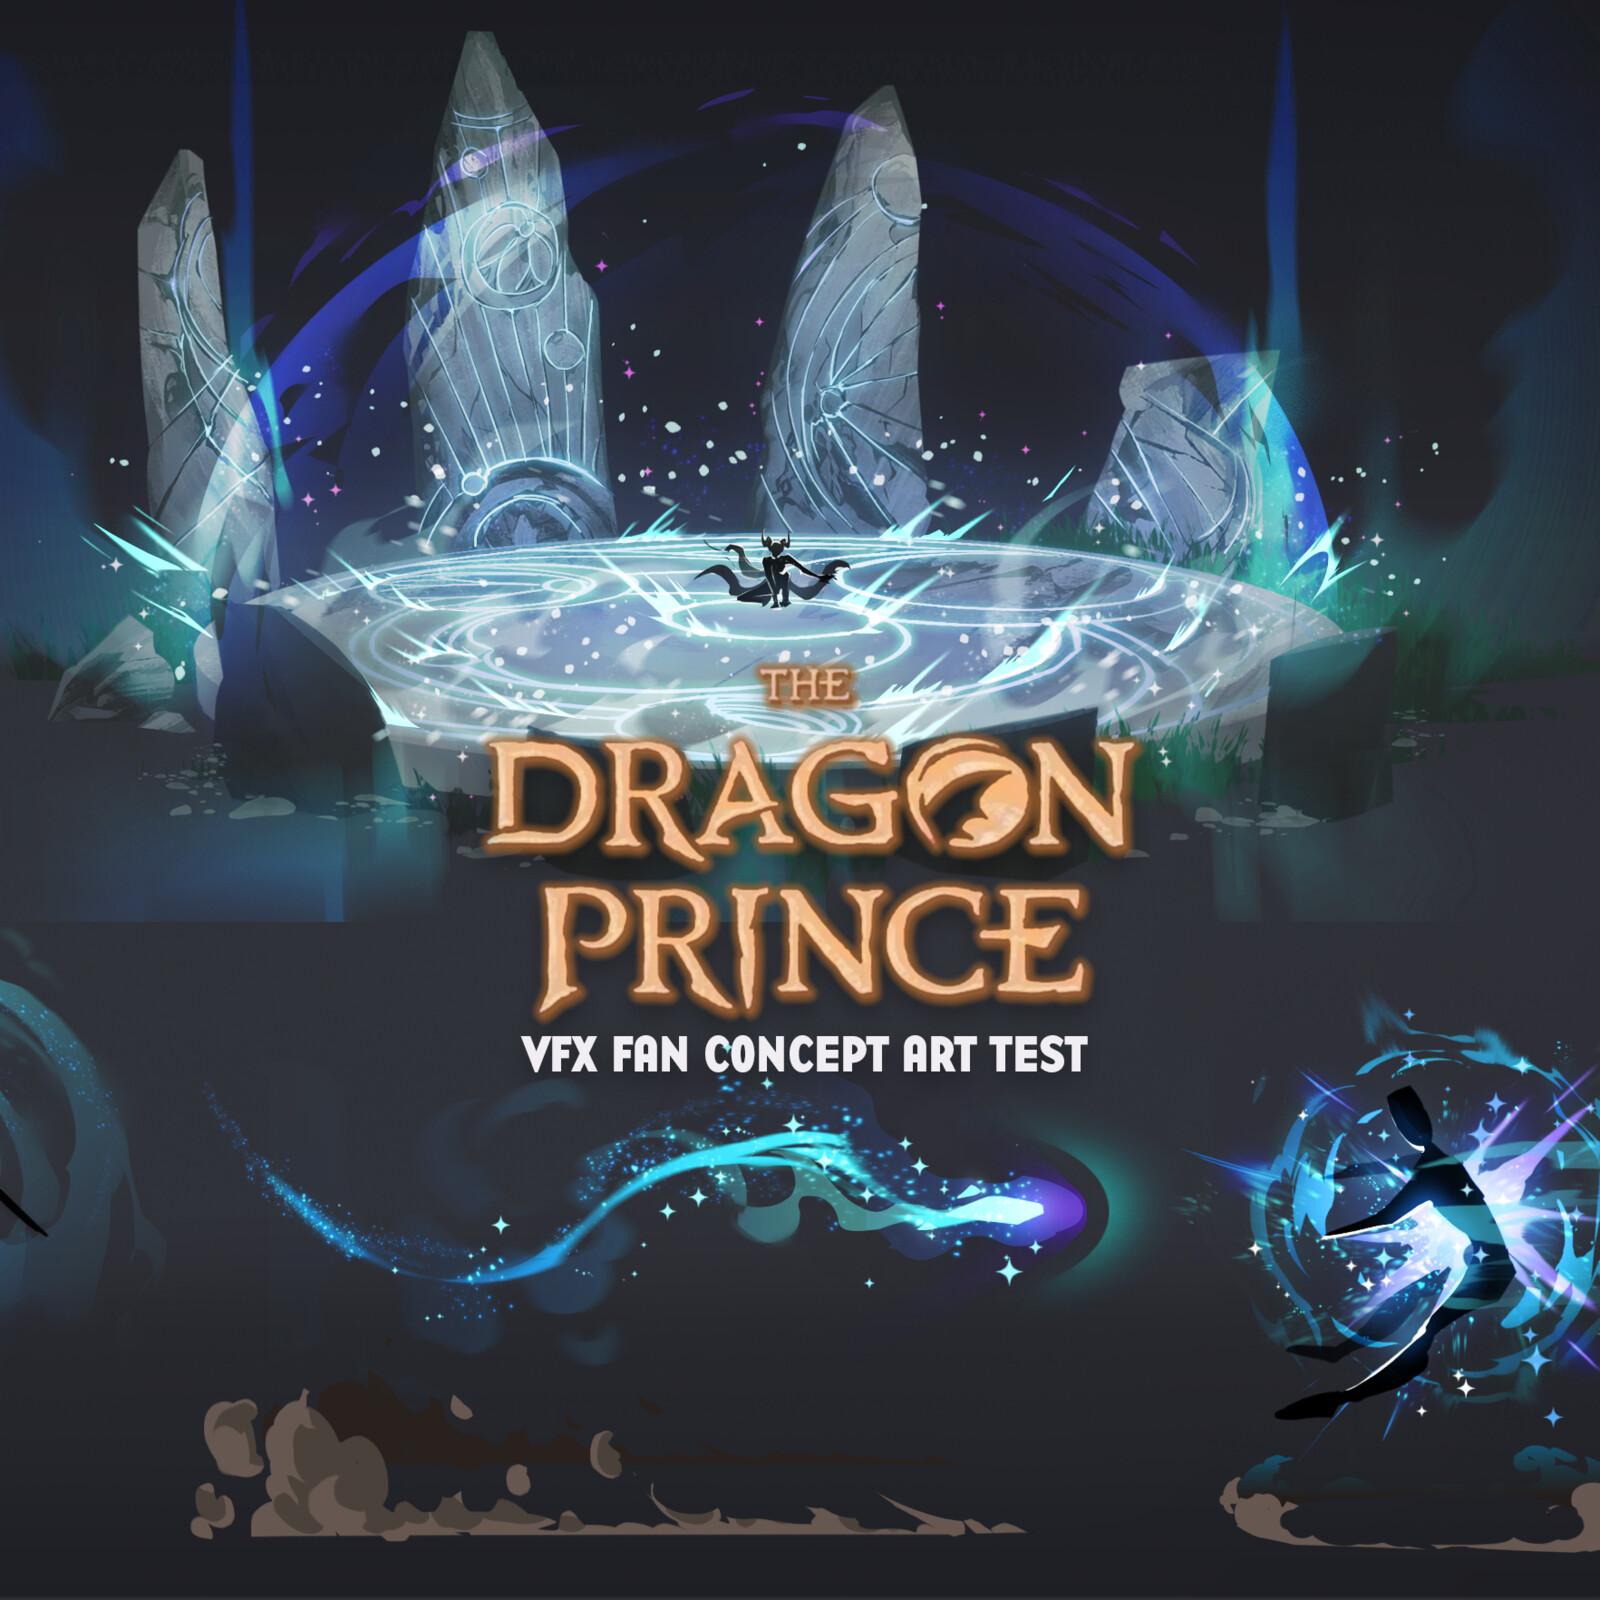 Dragon Prince VFX Concept